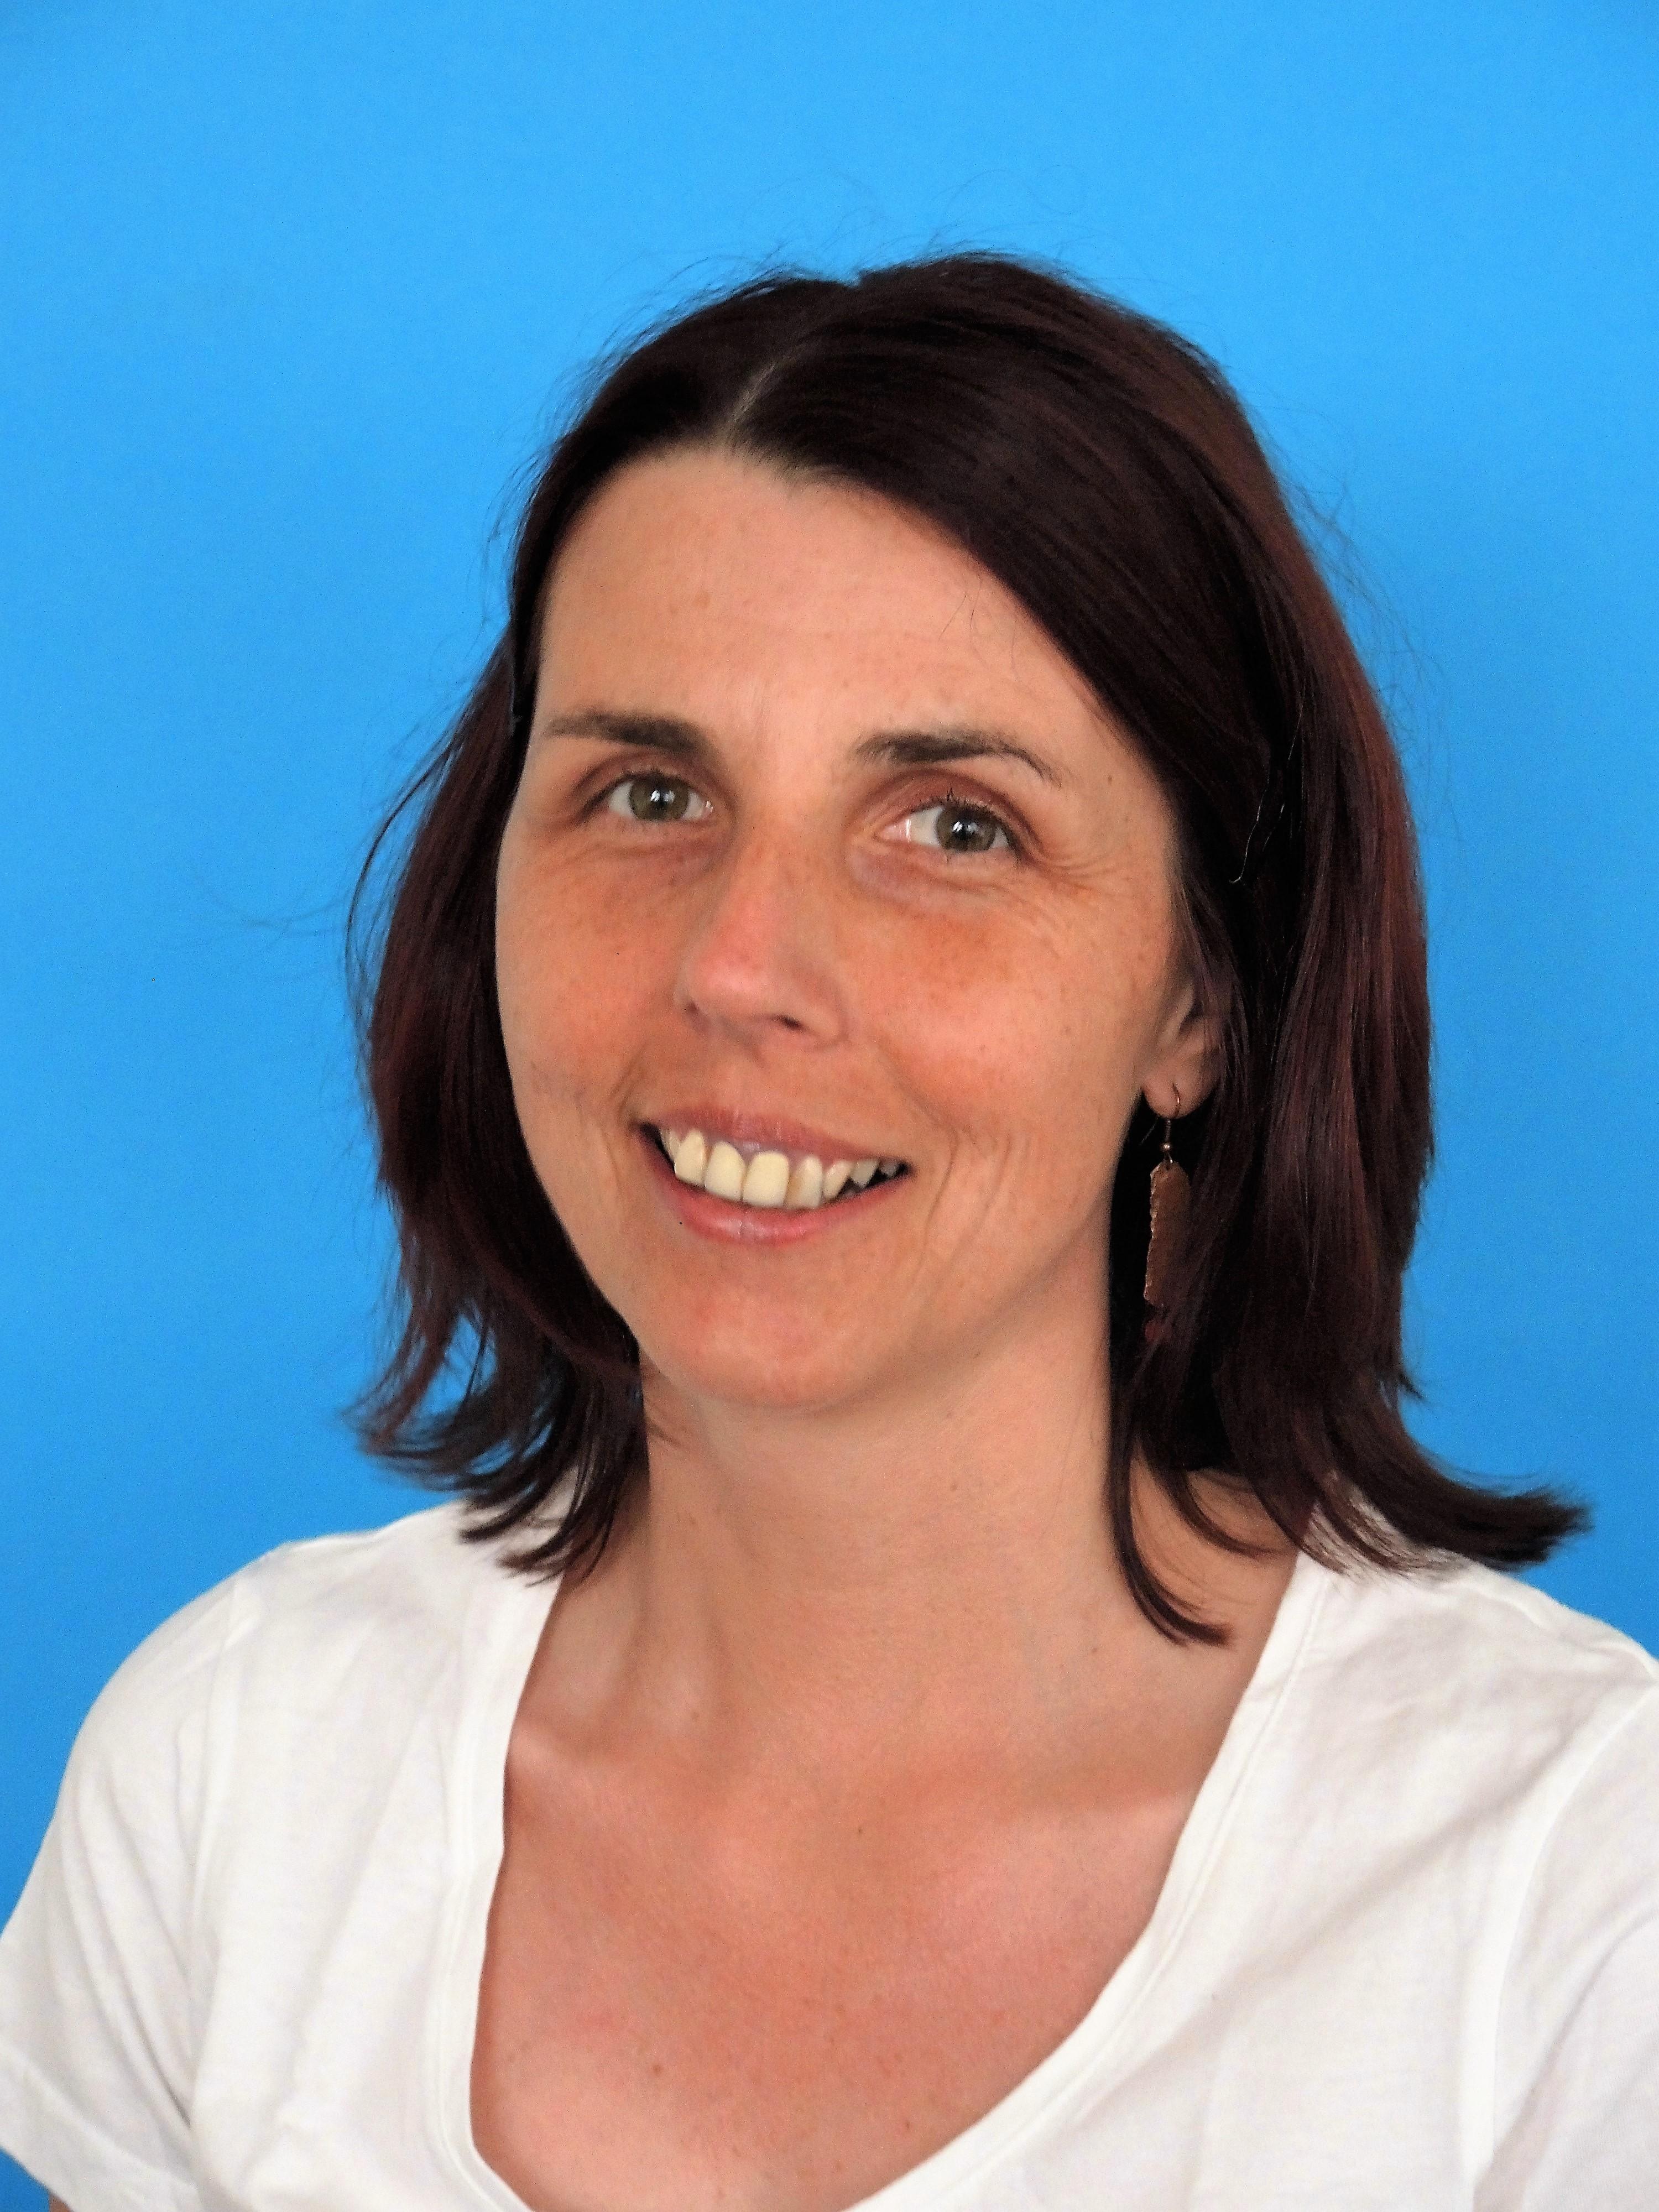 Monika Kalpakci